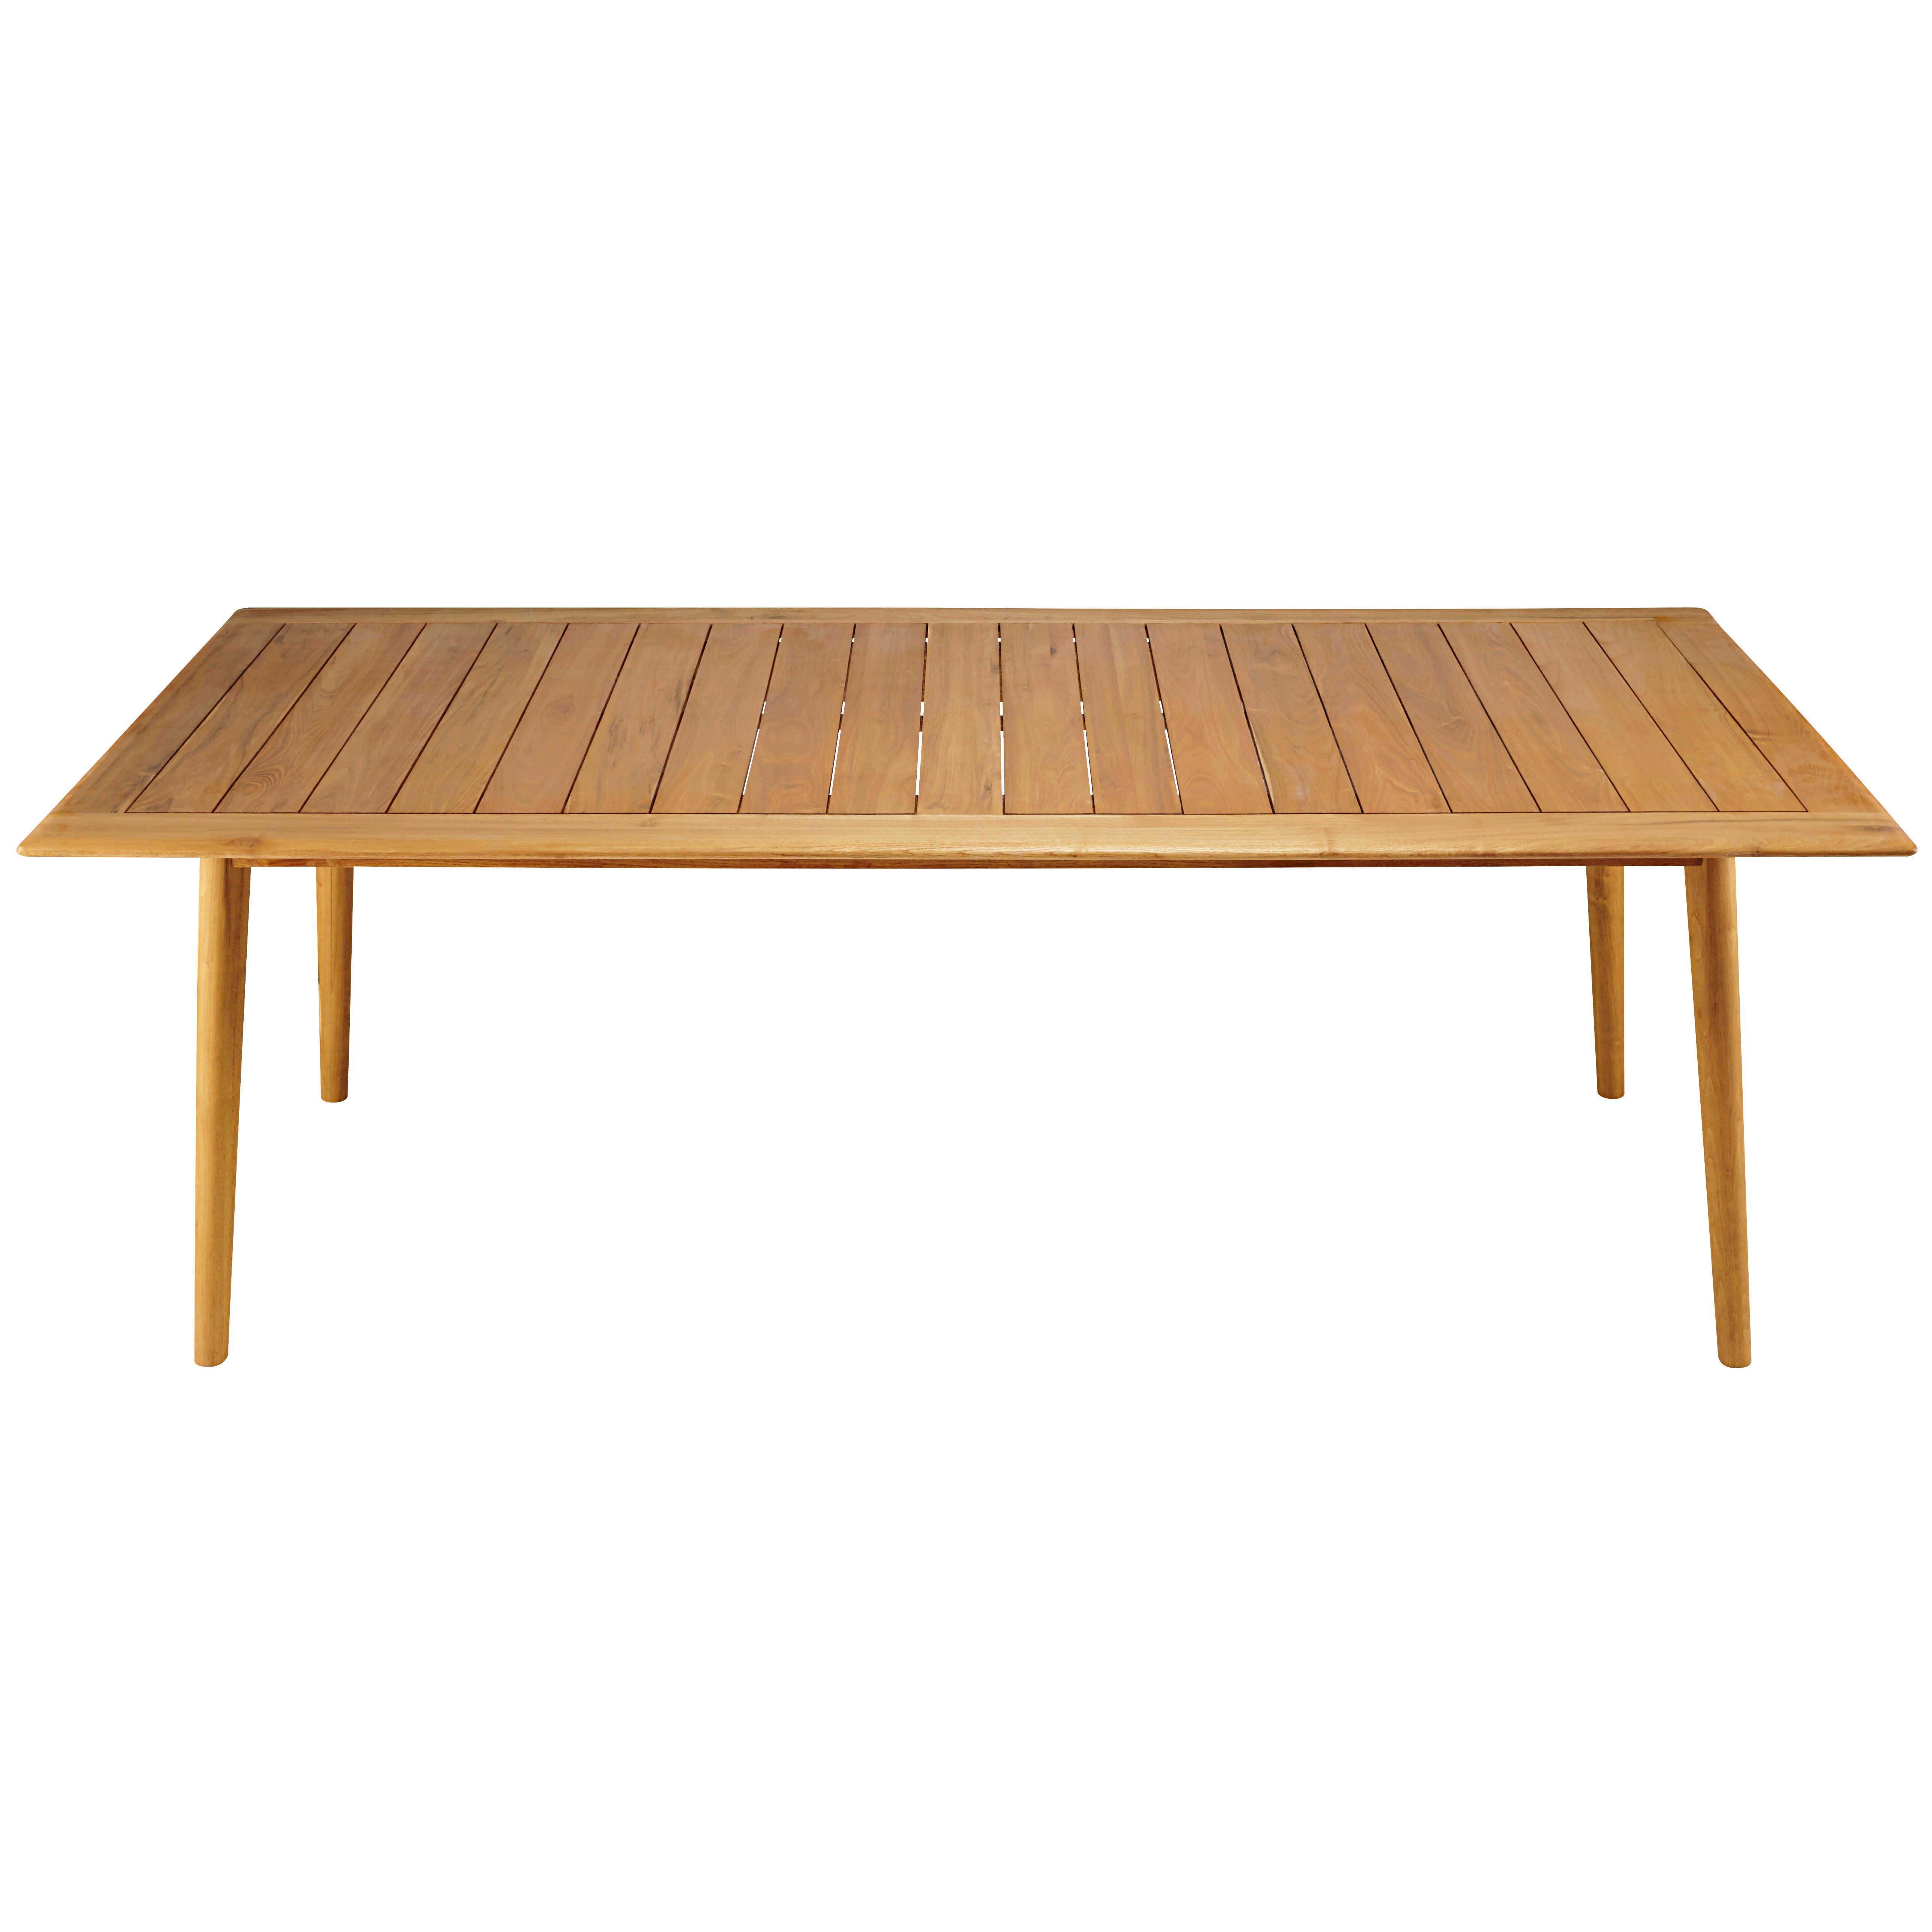 Table de jardin 8 personnes en acacia massif | deco ...